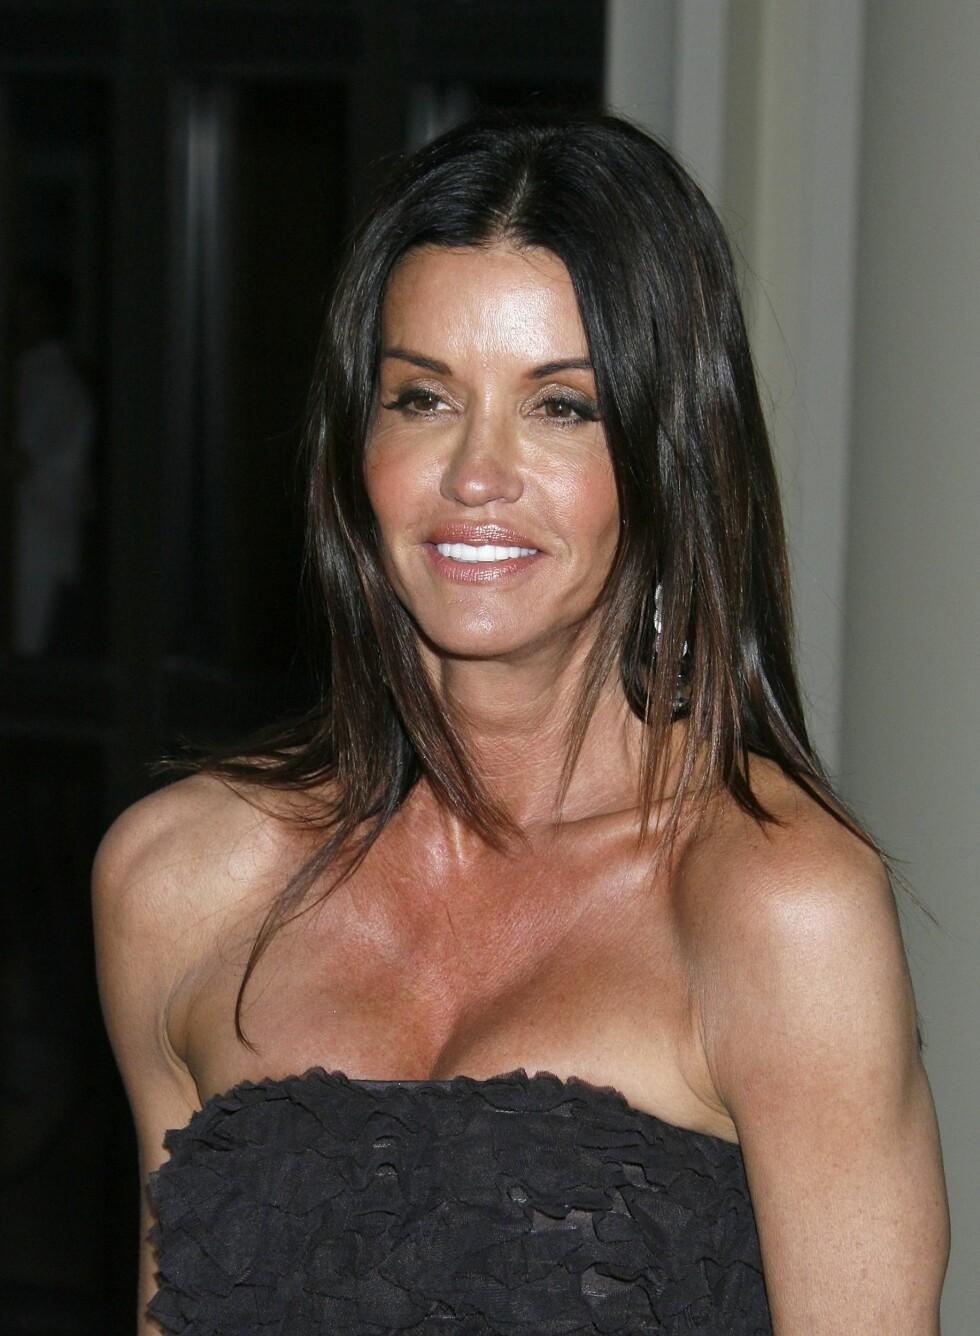 Janice Dickinson har solt brystet mer enn nødvendig. Kanskje fordi det stikker seg frem?  Foto: All Over Press